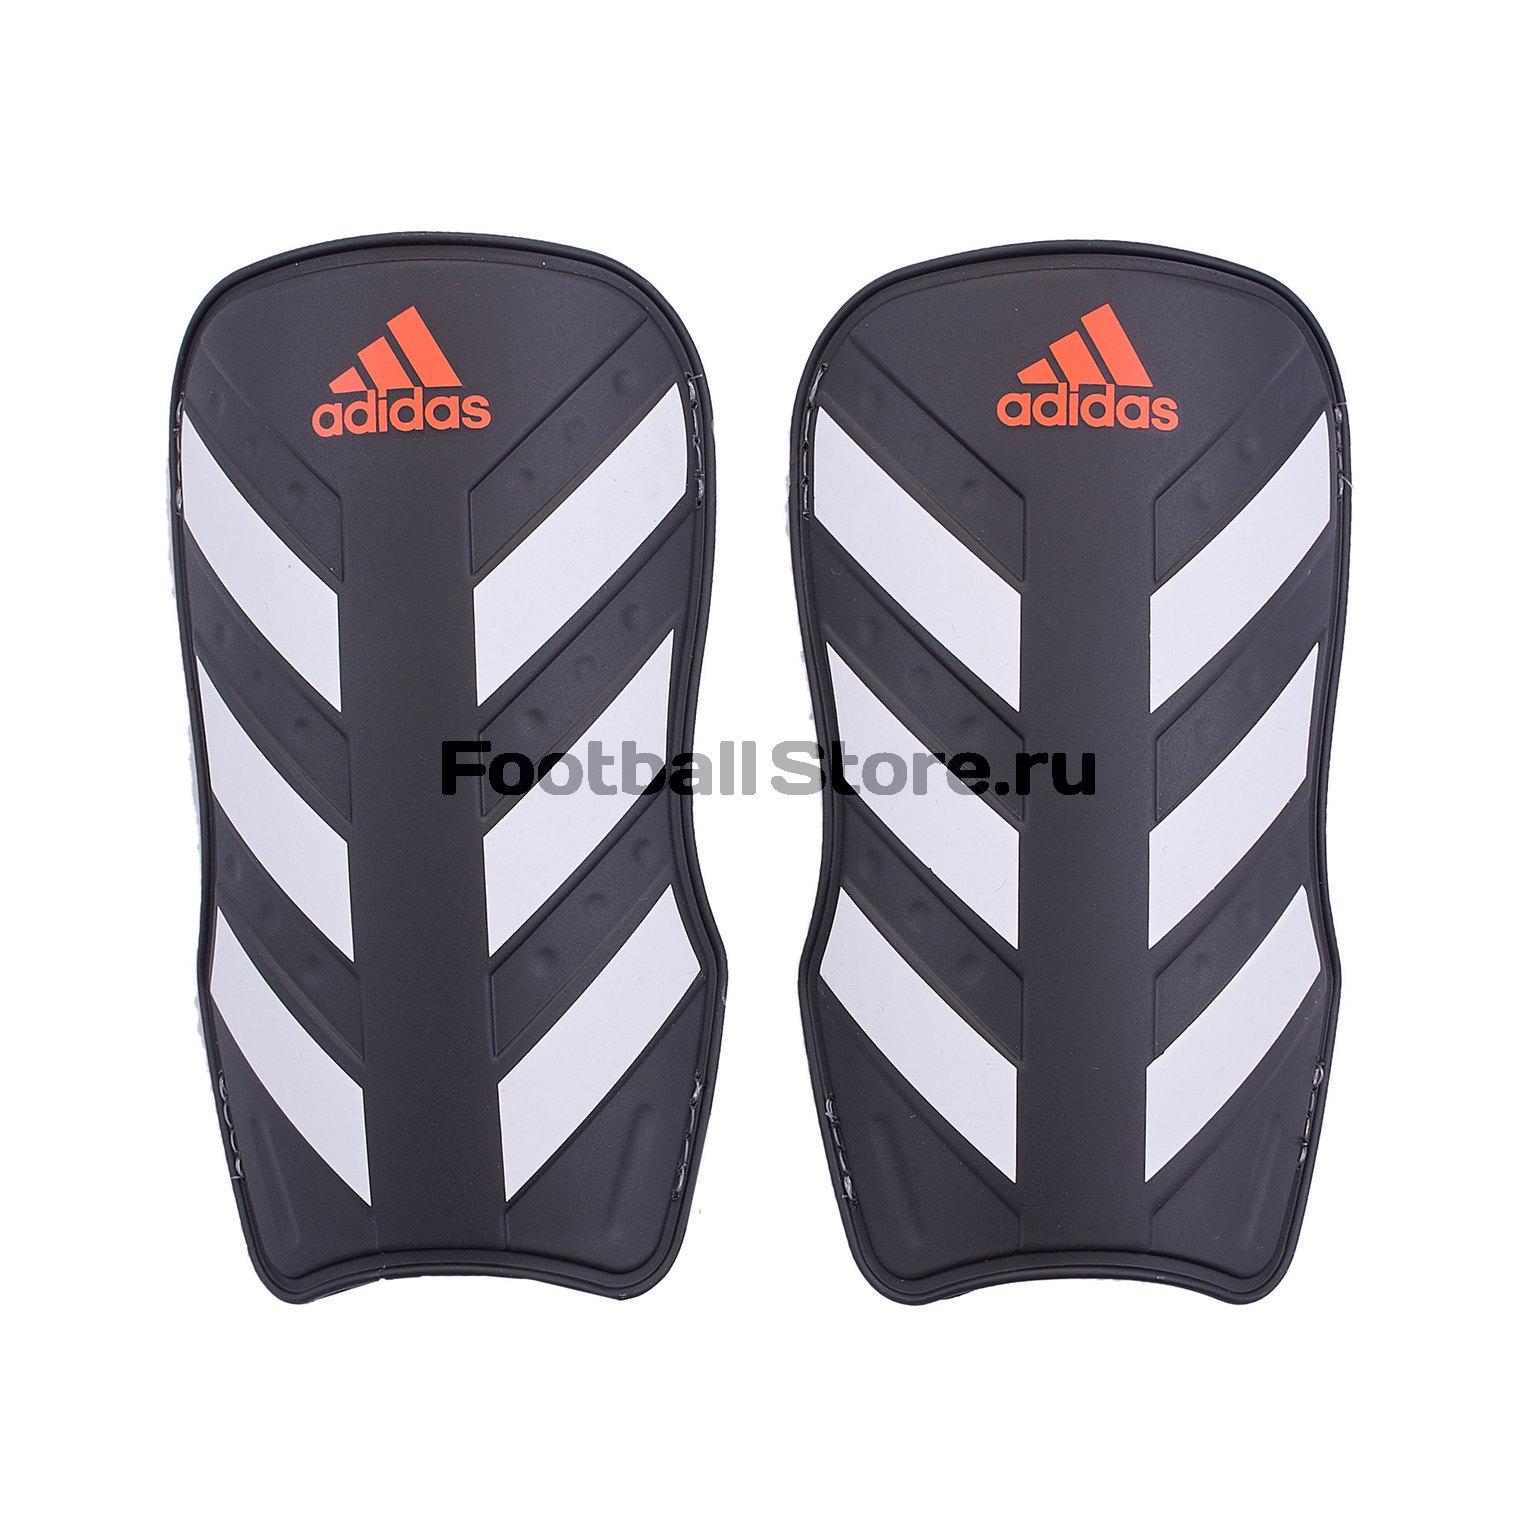 Щитки Adidas Everlite CW5559